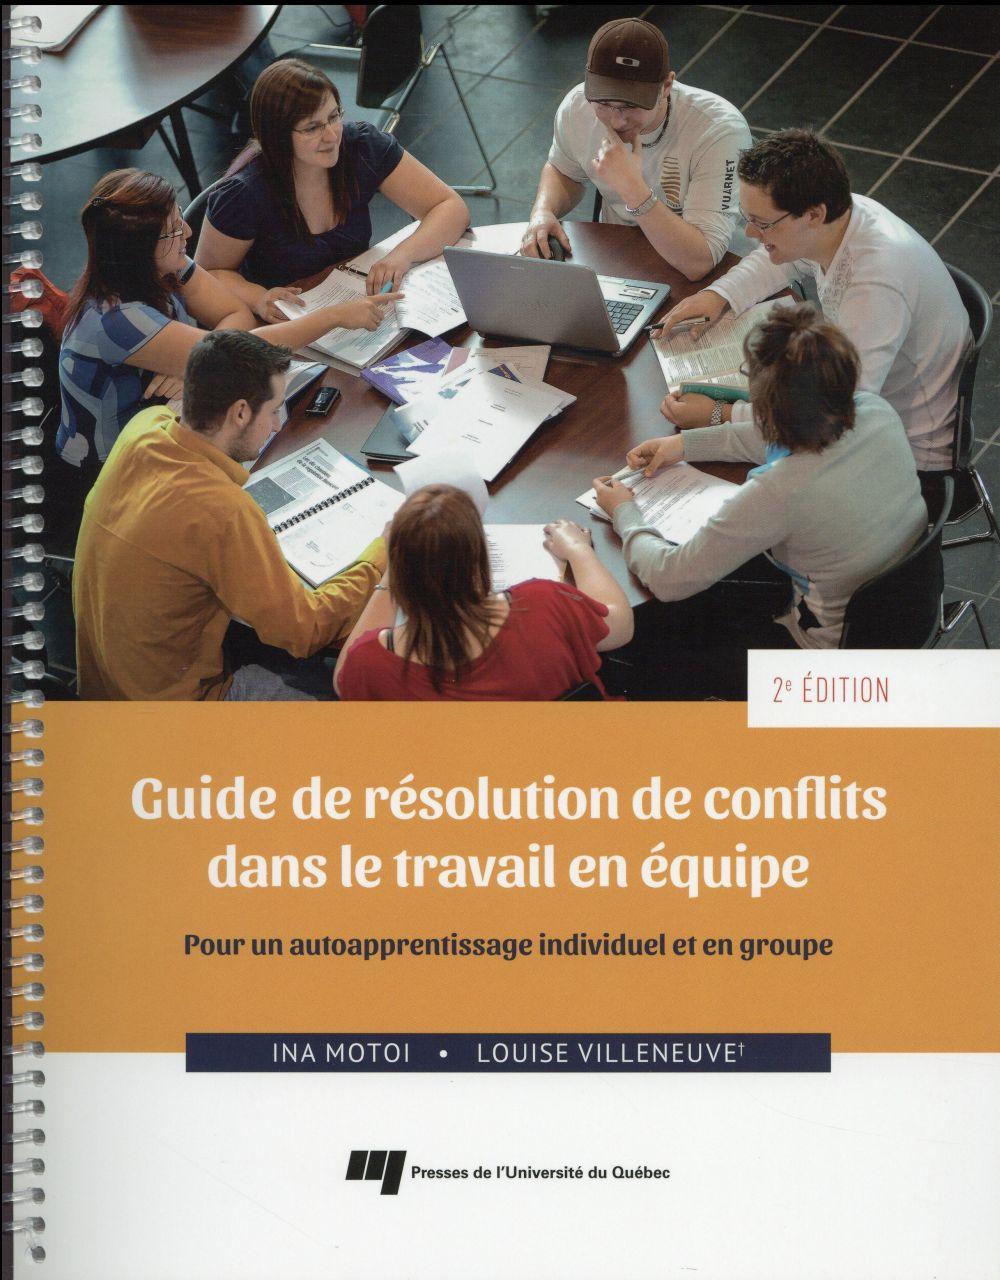 GUIDE DE RESOLUTION DE CONFLITS DANS LE TRAVAIL EN EQUIPE 2E